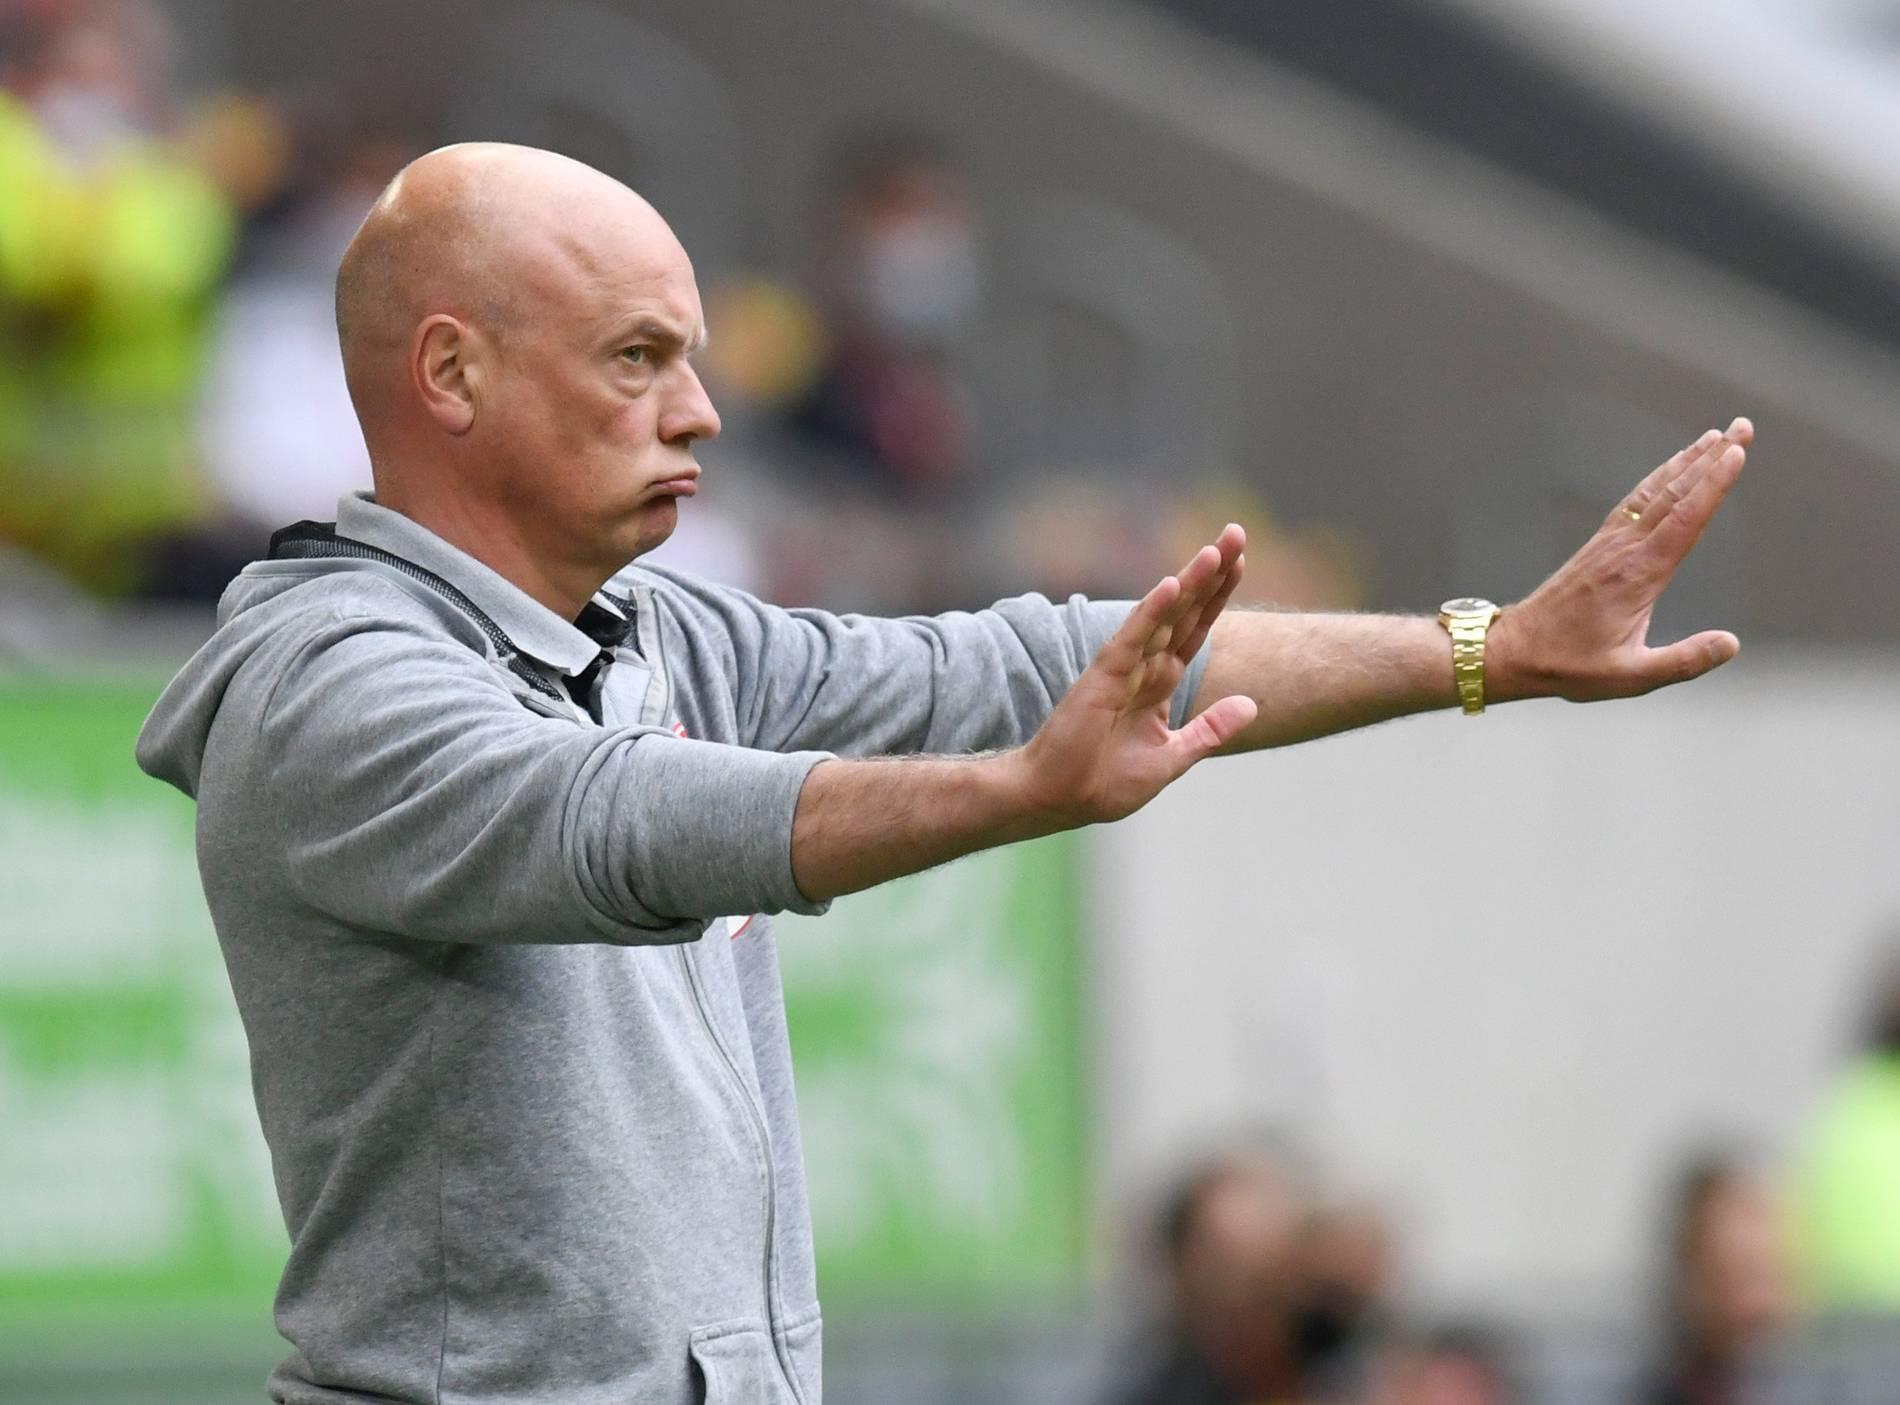 Nach Testspiel: 2 Coronafälle bei Fortuna Düsseldorf - Deutschland